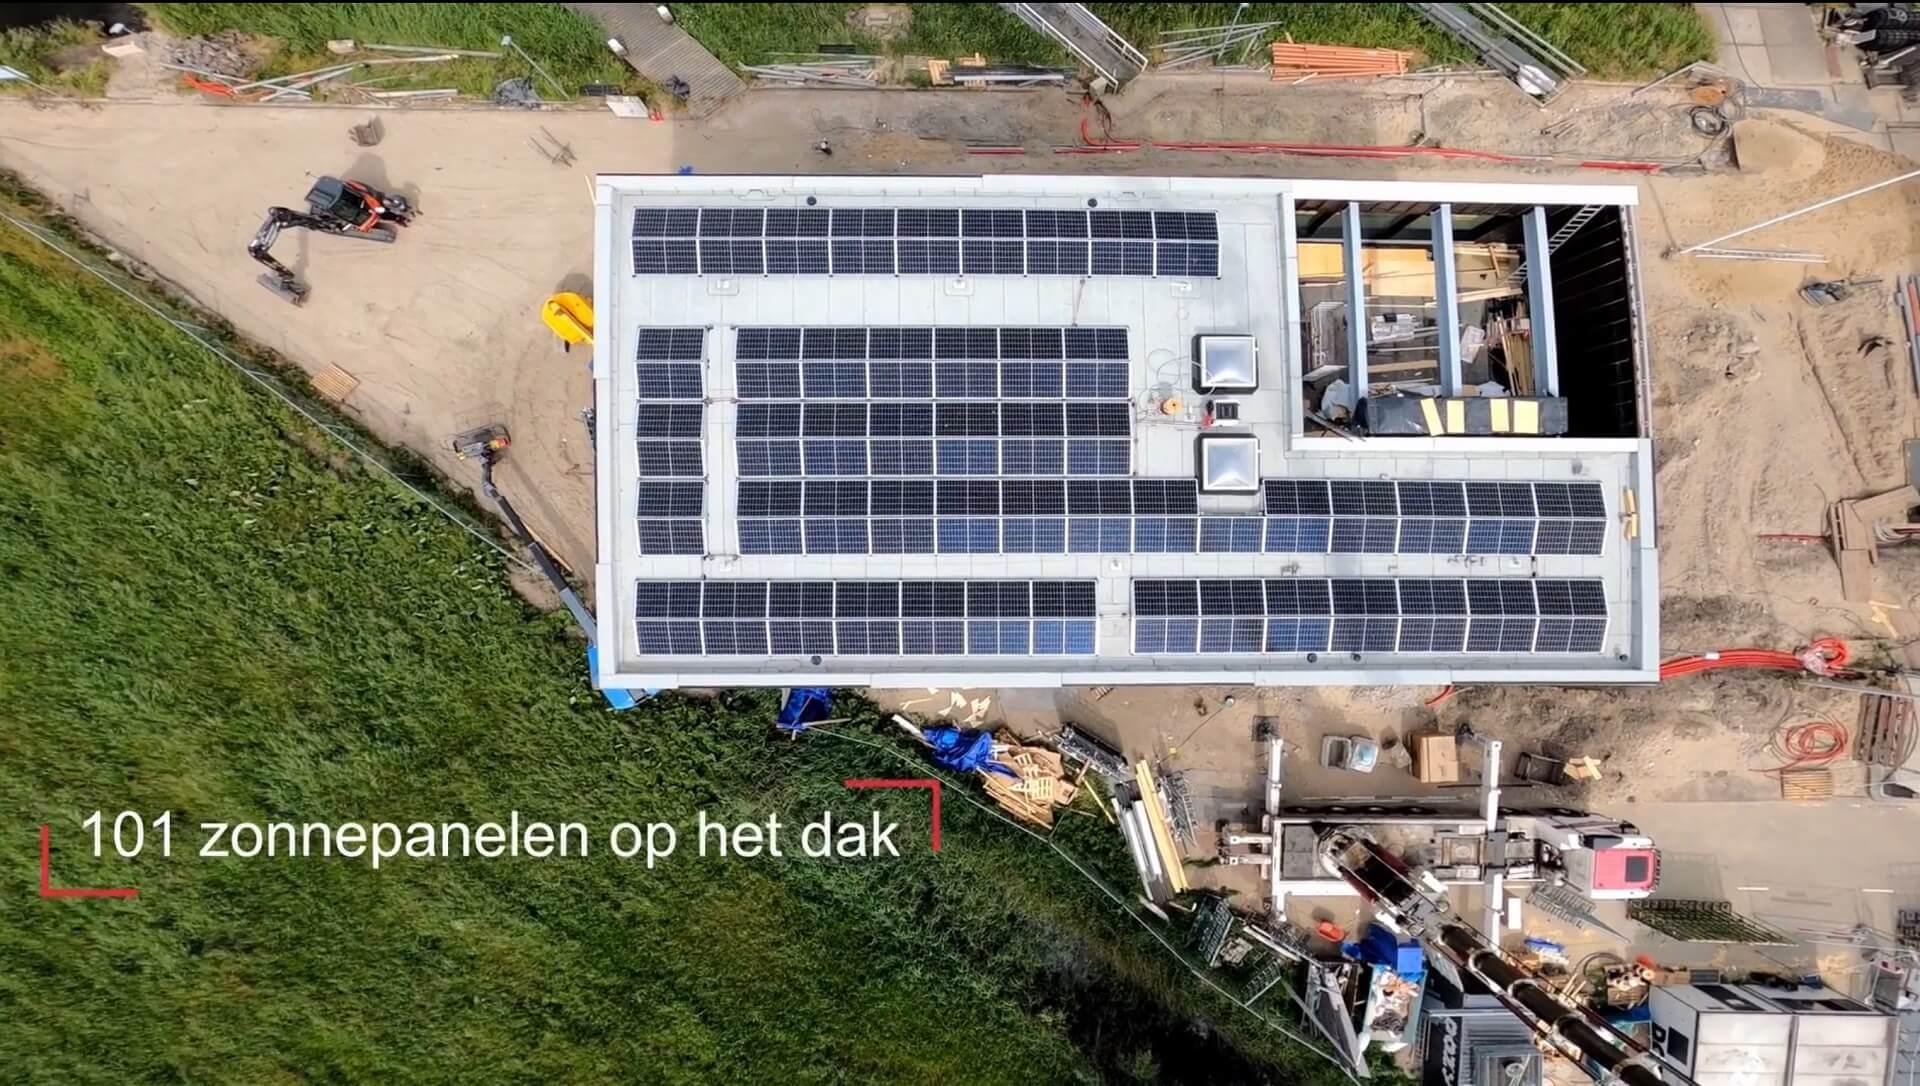 Zonnepanelen op het dak van het Nautisch Coördinatie Centrum